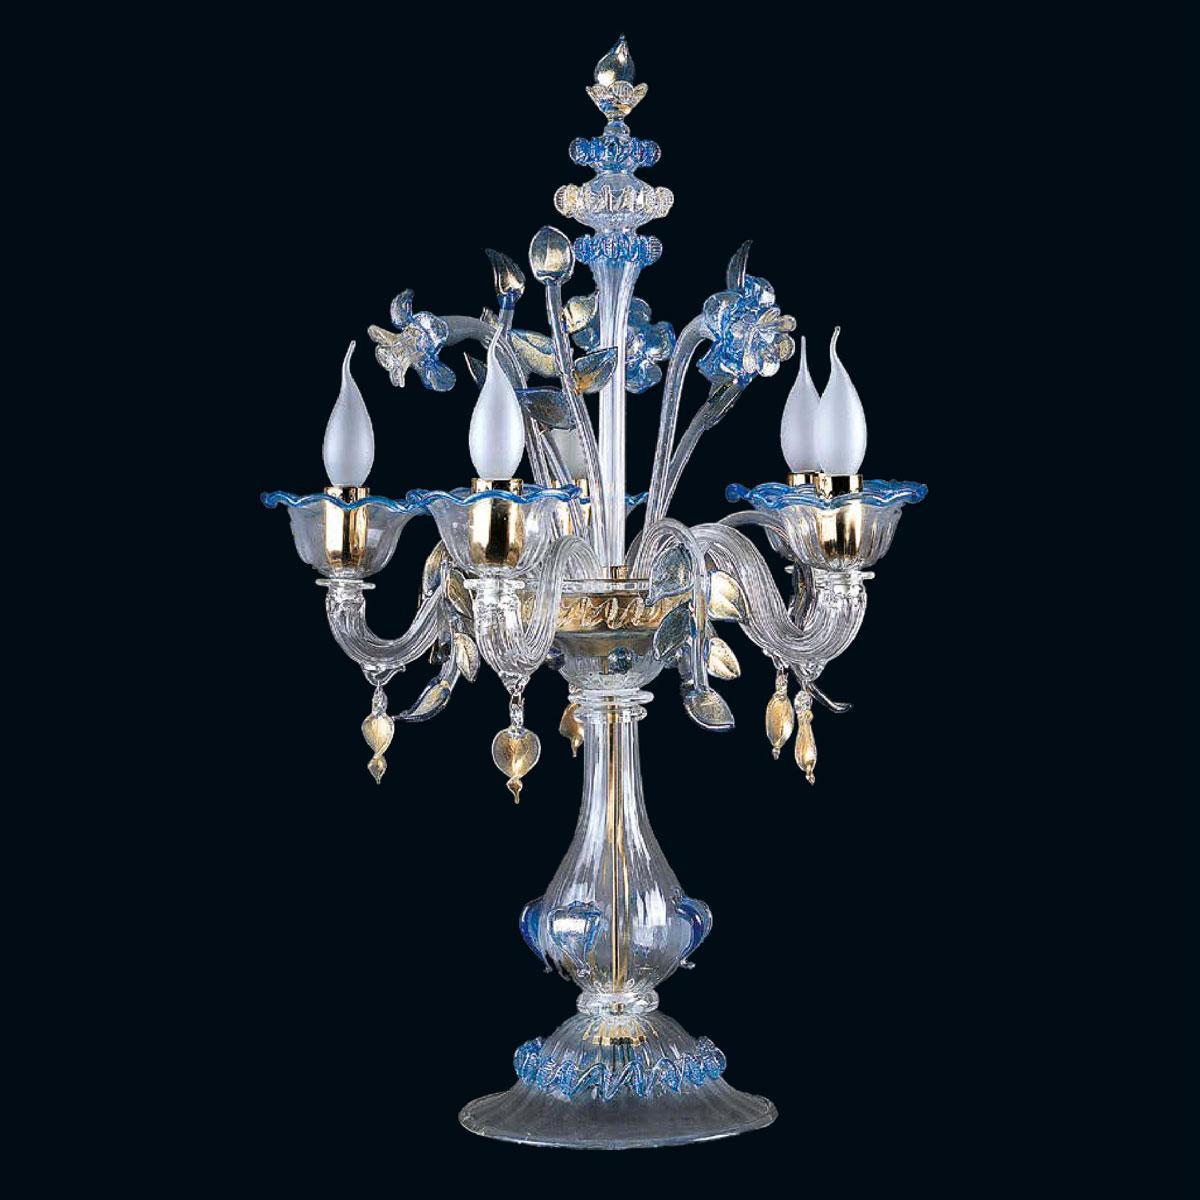 """""""Loralee"""" lampe de table en verre de Murano - 5 lumières - transparent, bleu et or"""